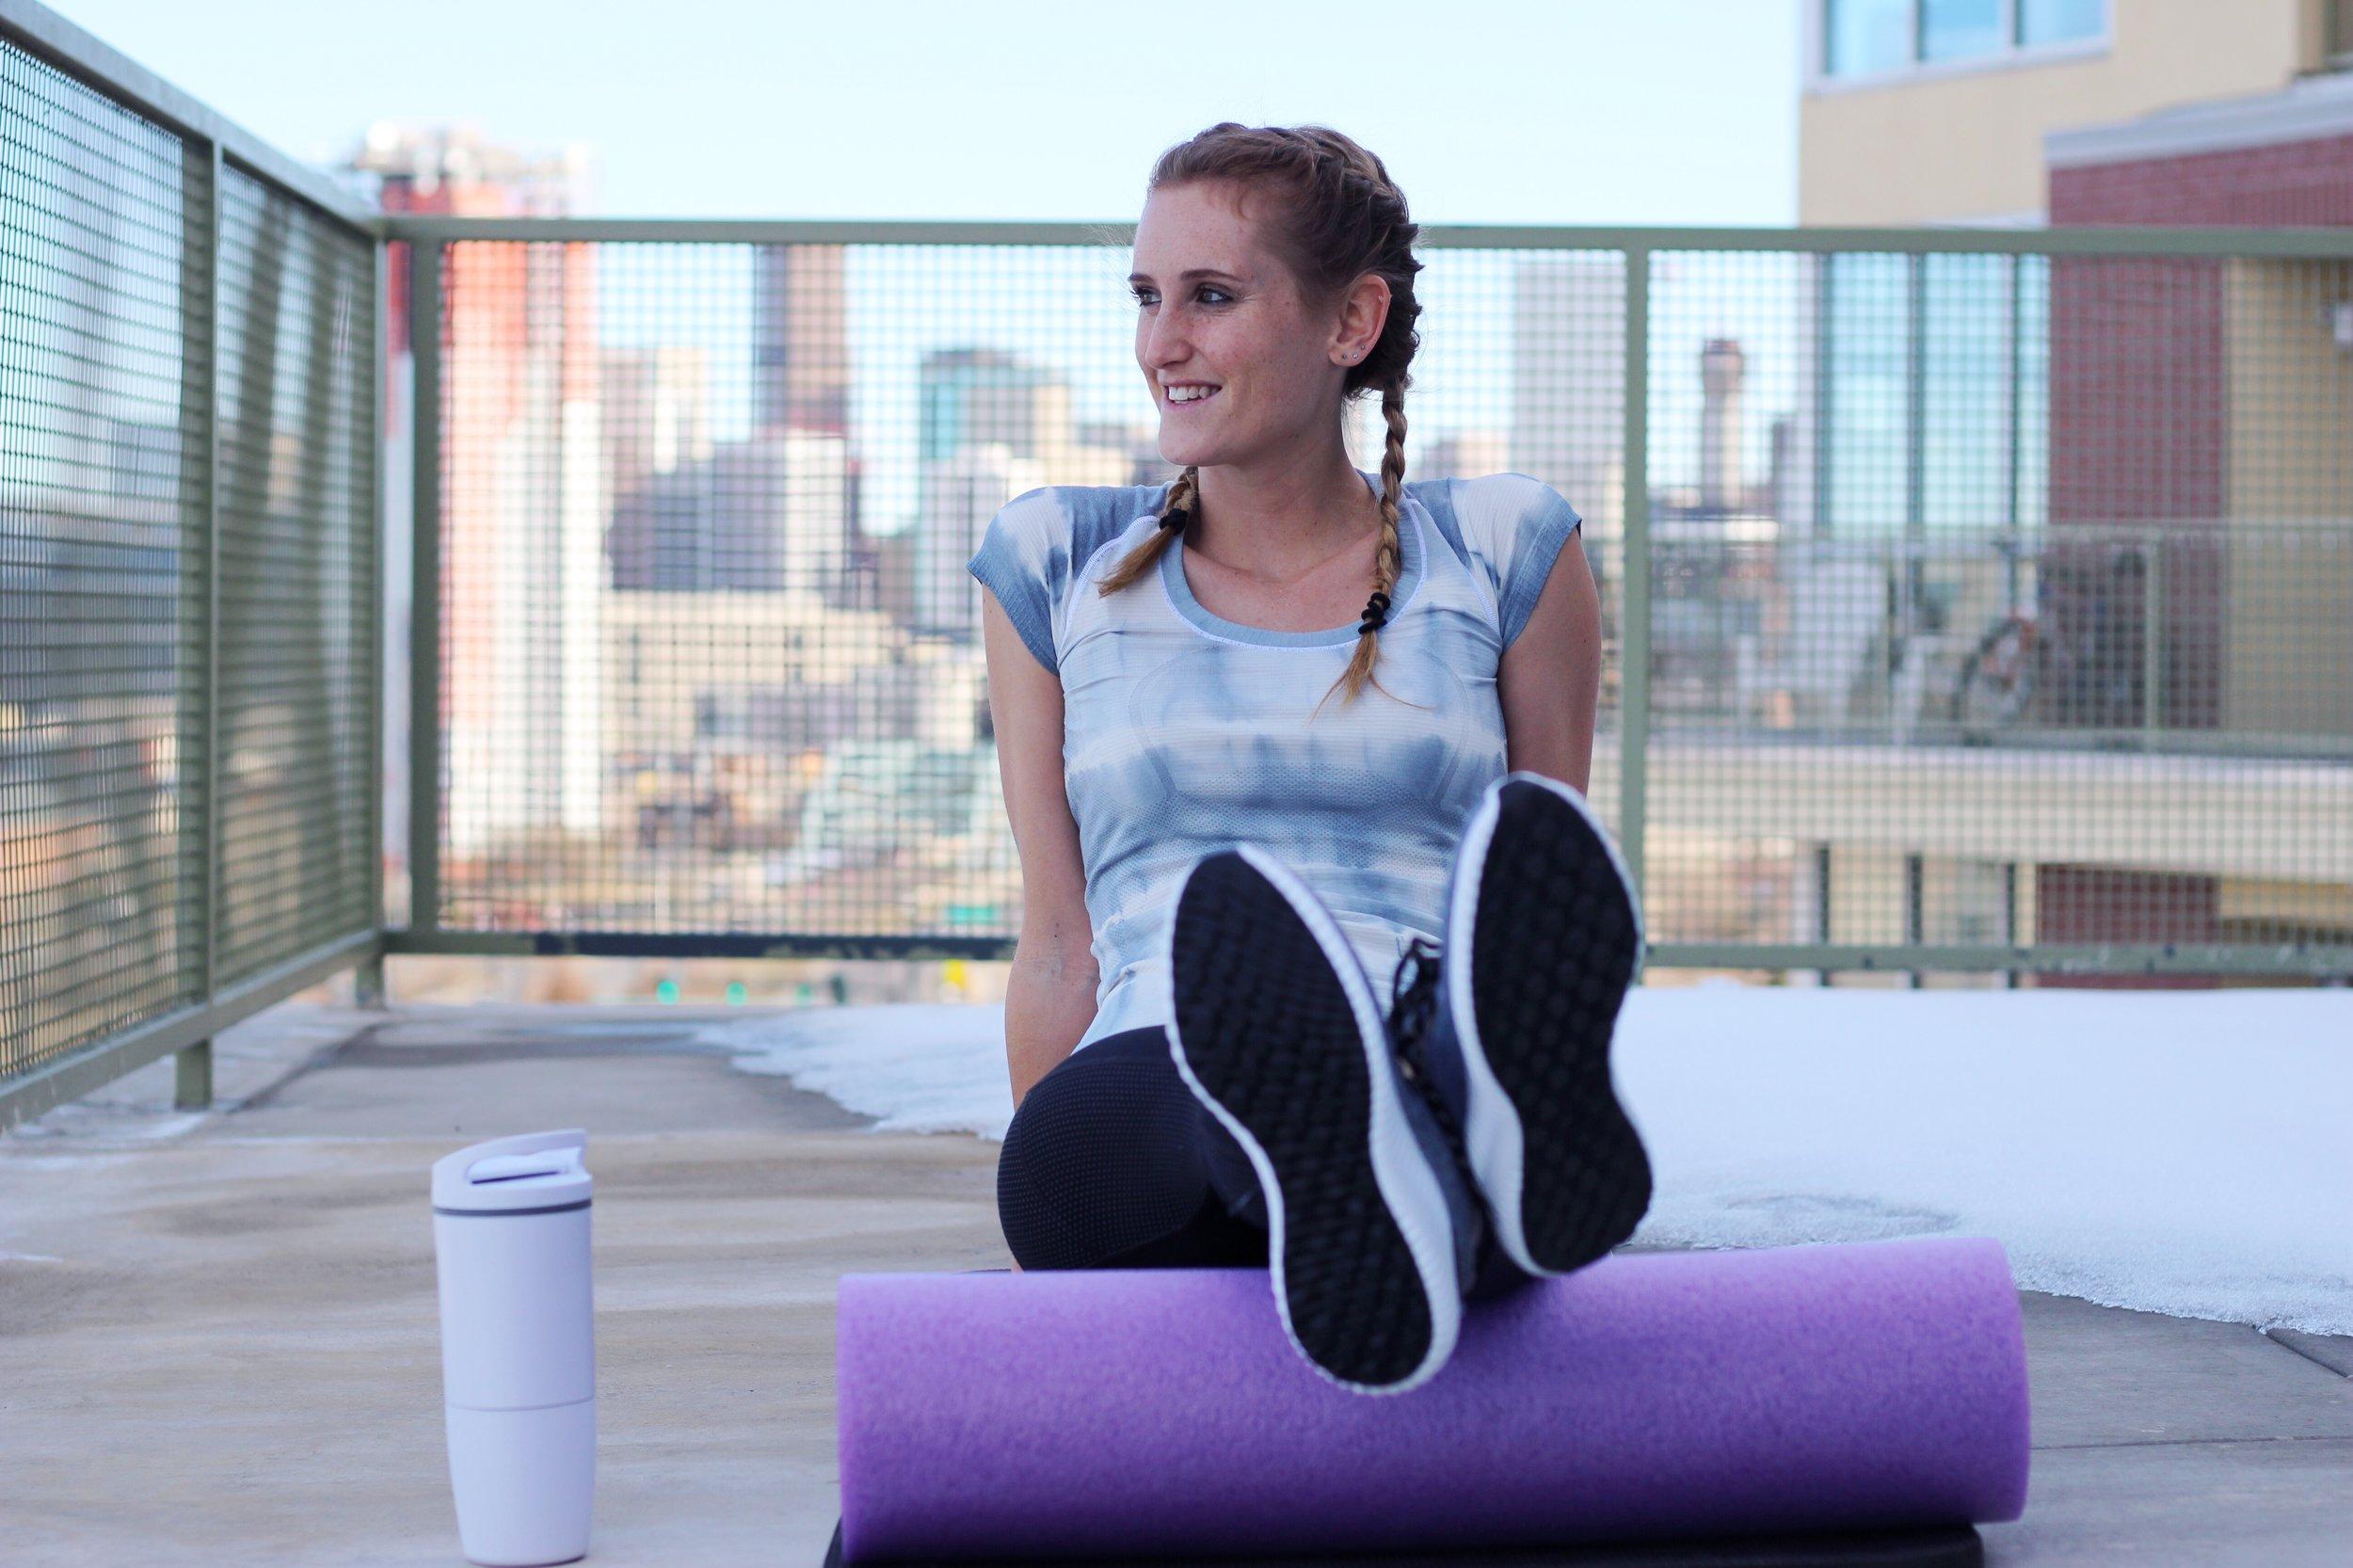 Water tracking bottle,  Ozmo cup | Shirt,  Lululemon  (similar) | Leggings,  Athleta | Shoes,  Adidas  |